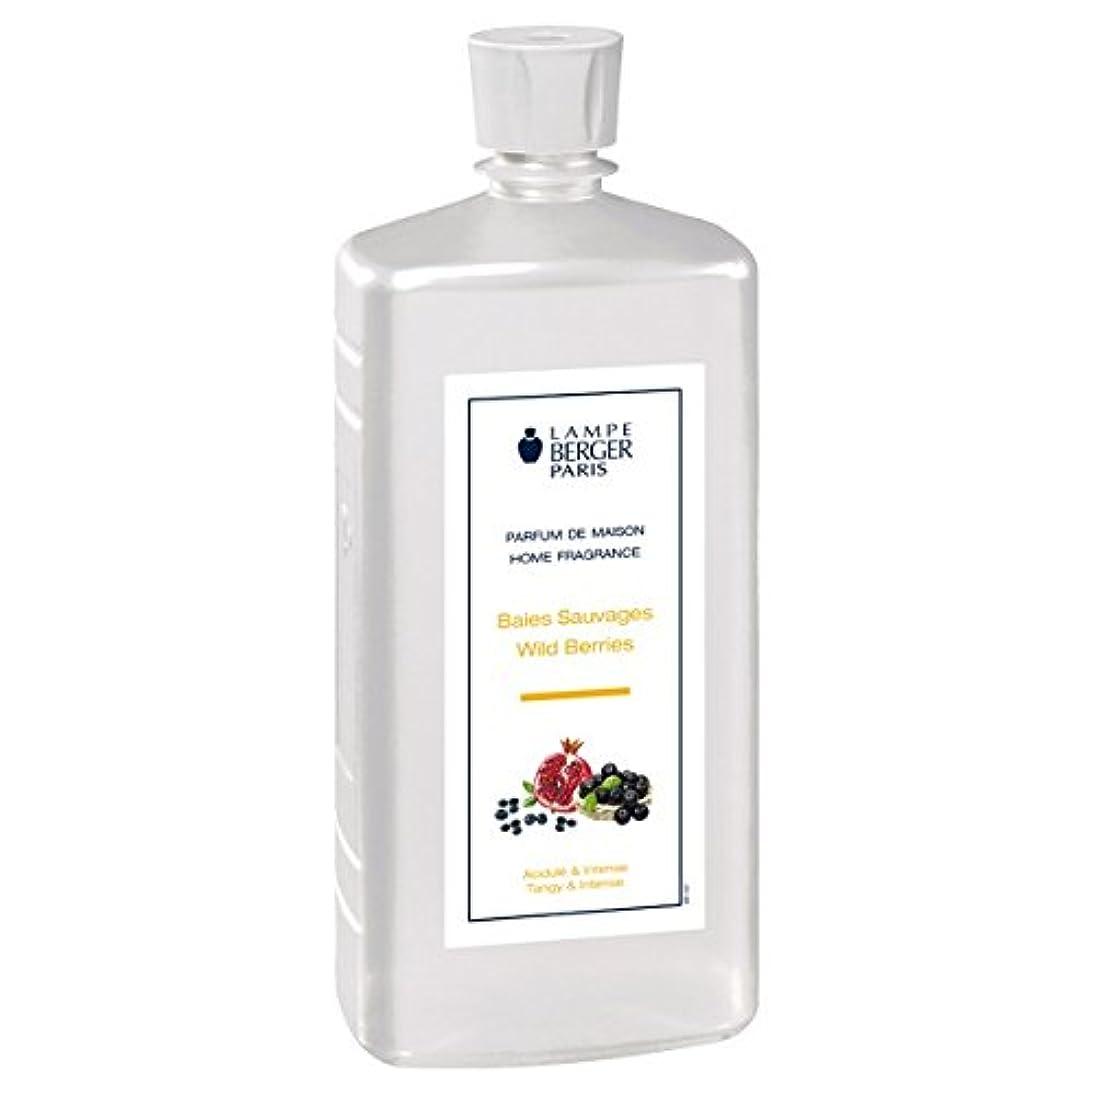 大人不満持っているランプベルジェパリ直輸入パフュームアロマオイル1Lワイルドベリーズの香り(甘いリキュールの香りがアクセントでラストのレッドドラゴンフルーツやムスクなどの優しいハーモニーの香り